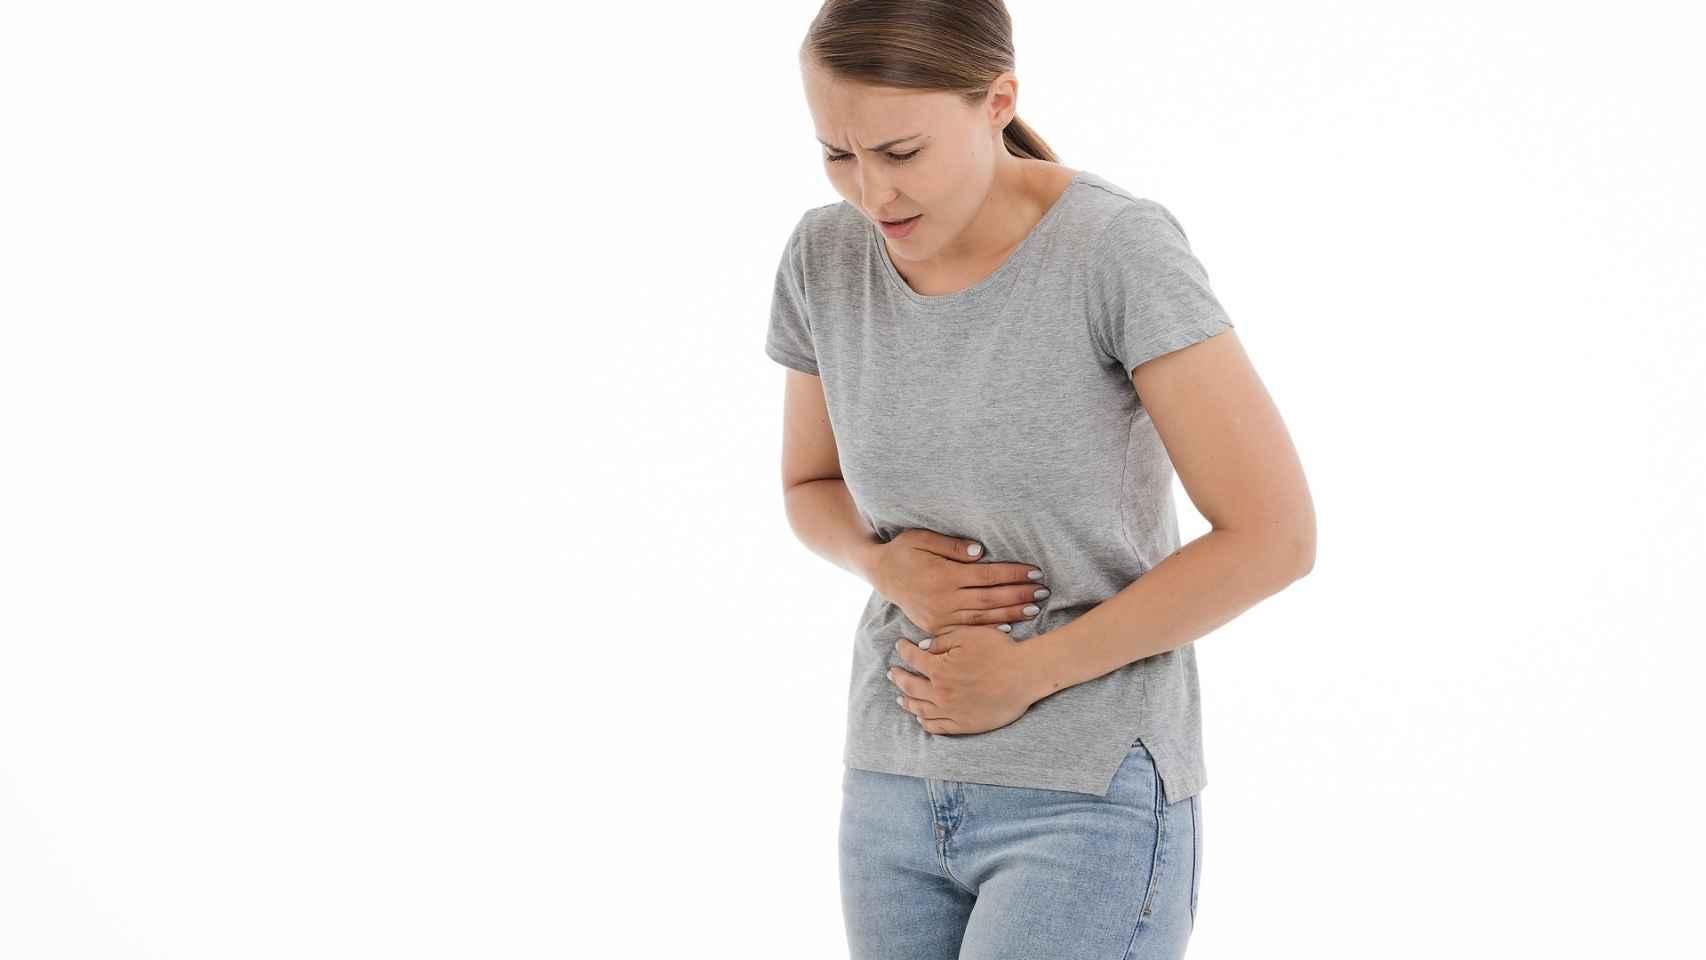 Cómo Cortar La Diarrea Trucos Y Remedios Caseros